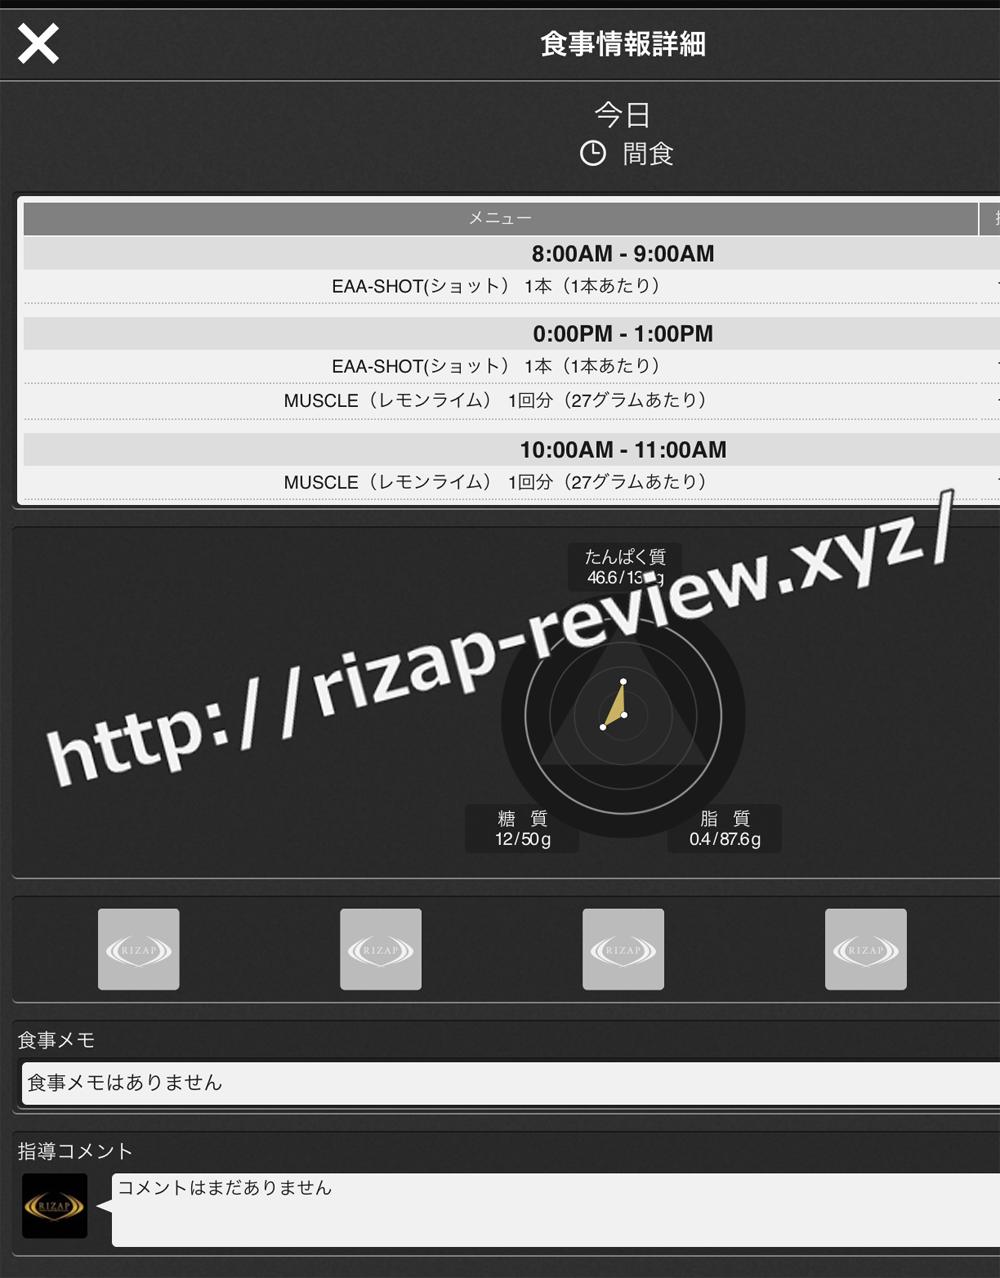 2018.10.12(金)ライザップ流の間食